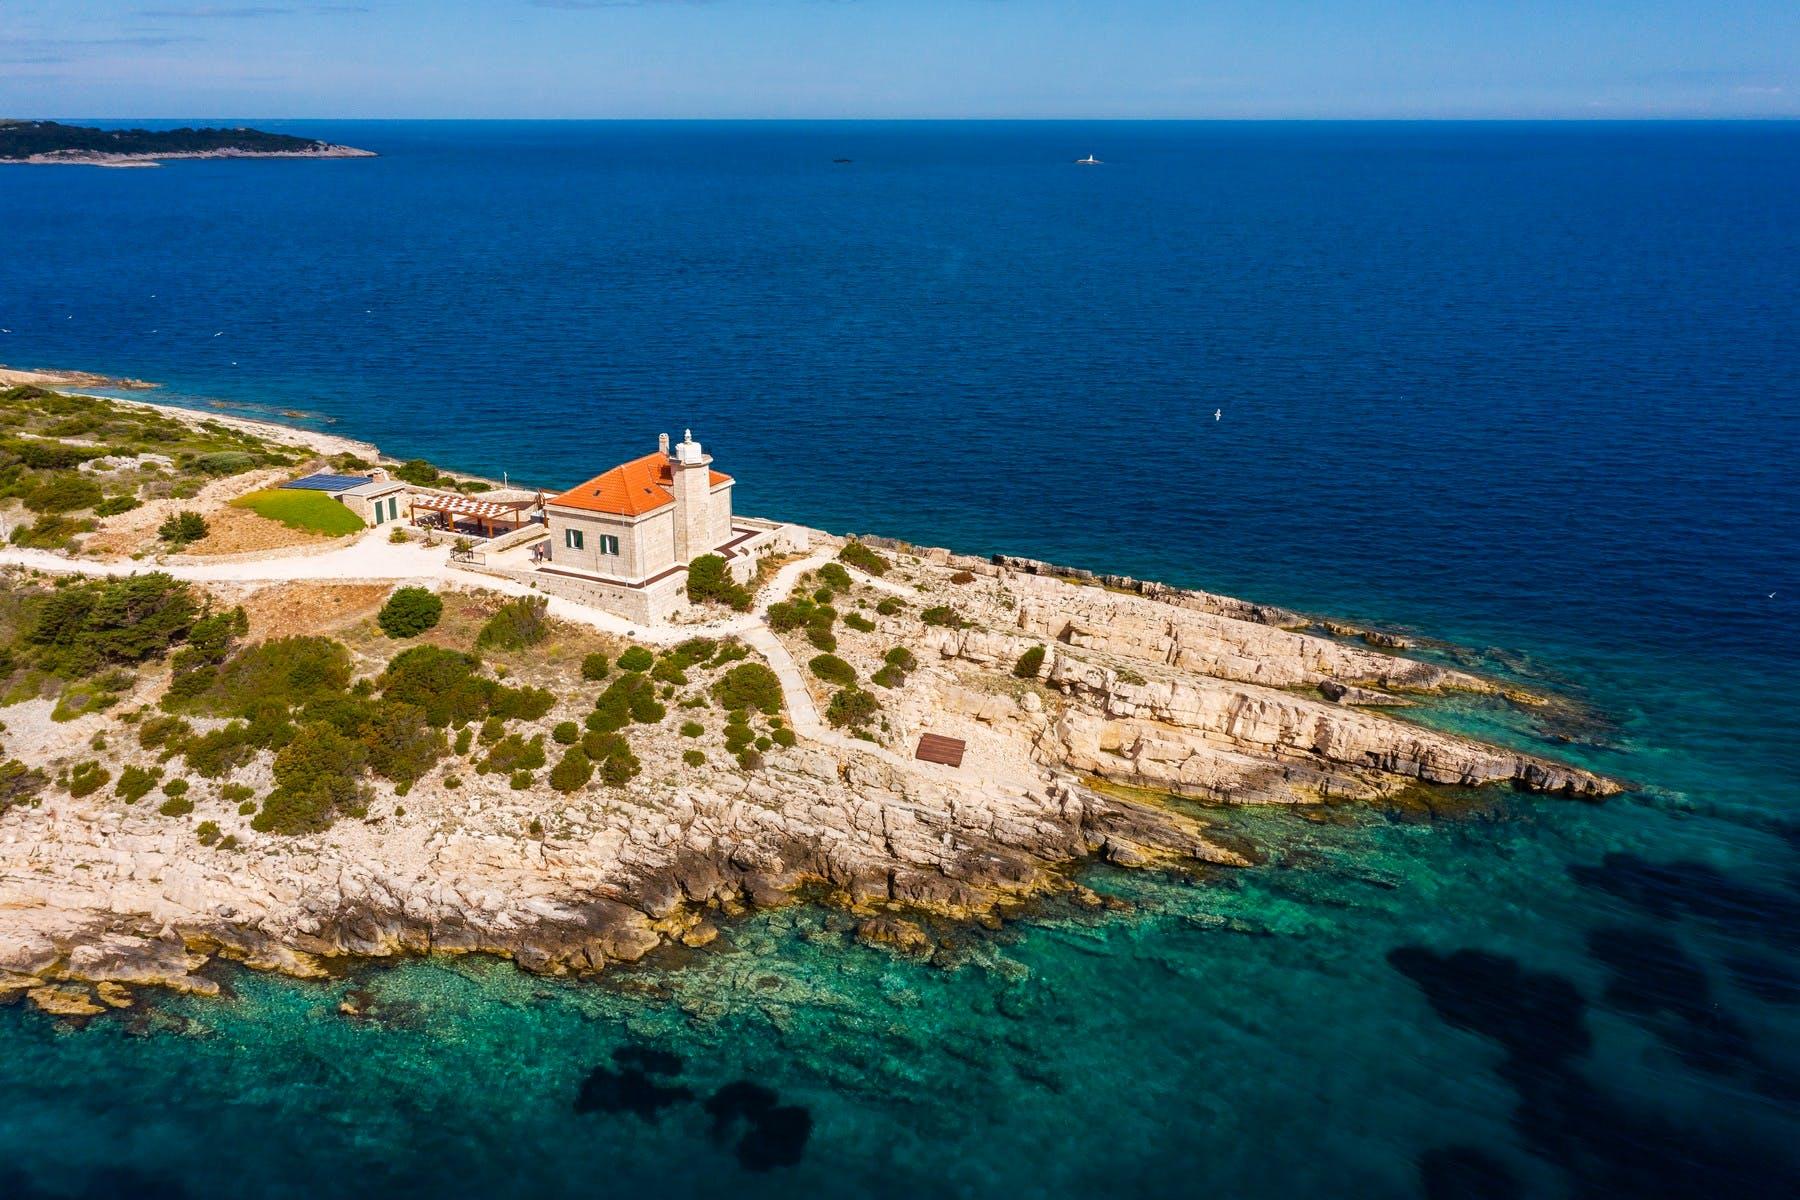 Exclusive stone villa on the private island